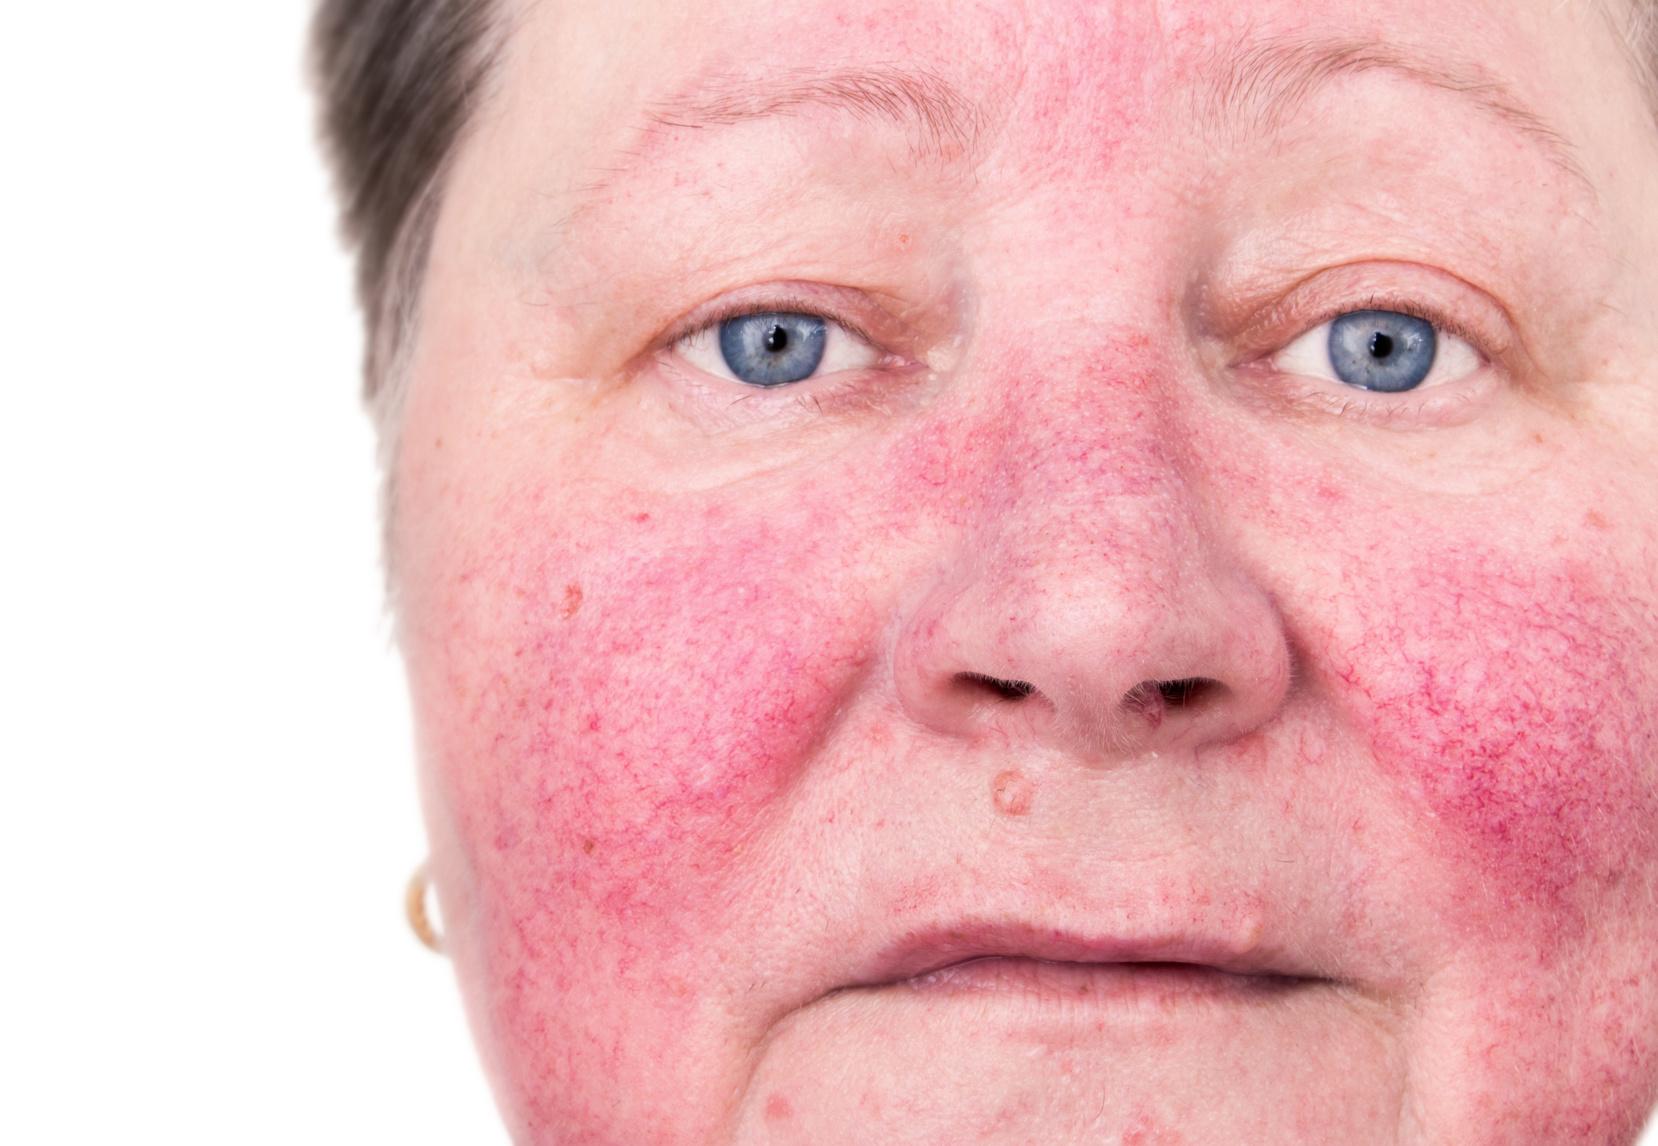 acne rosacea fotos